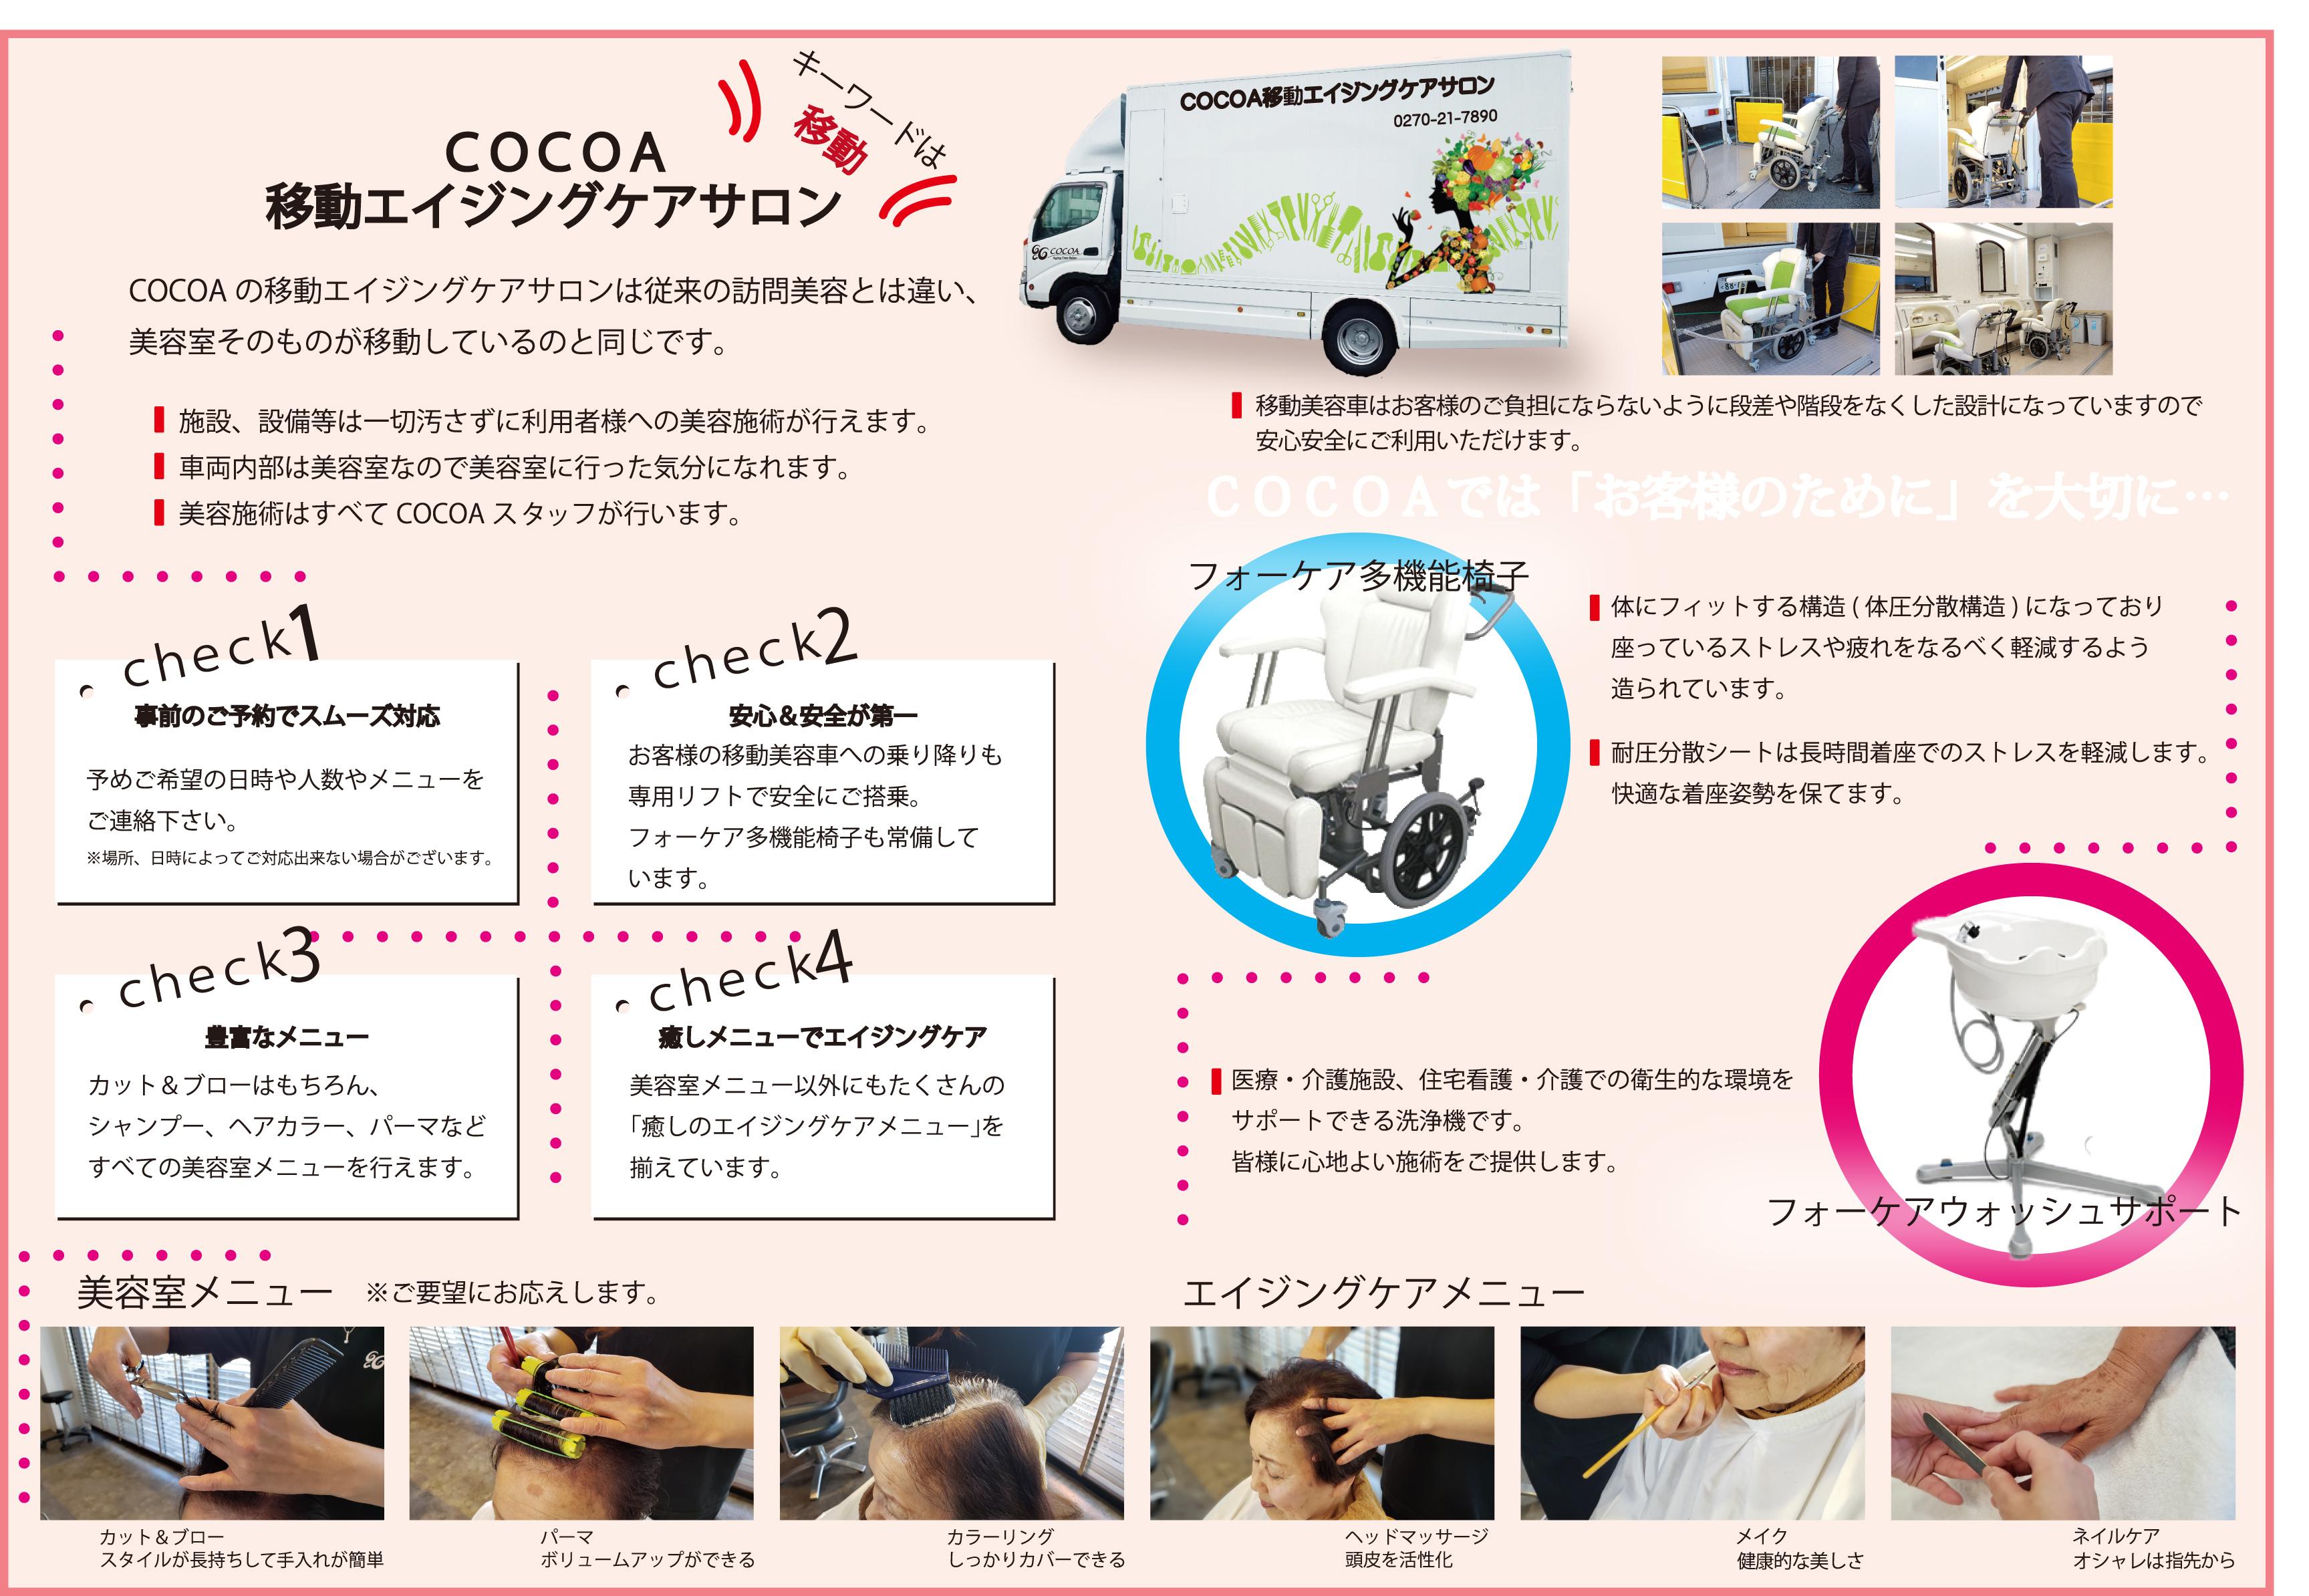 伊勢崎 美容室 COCOA 移動 エイジンングケアサロン